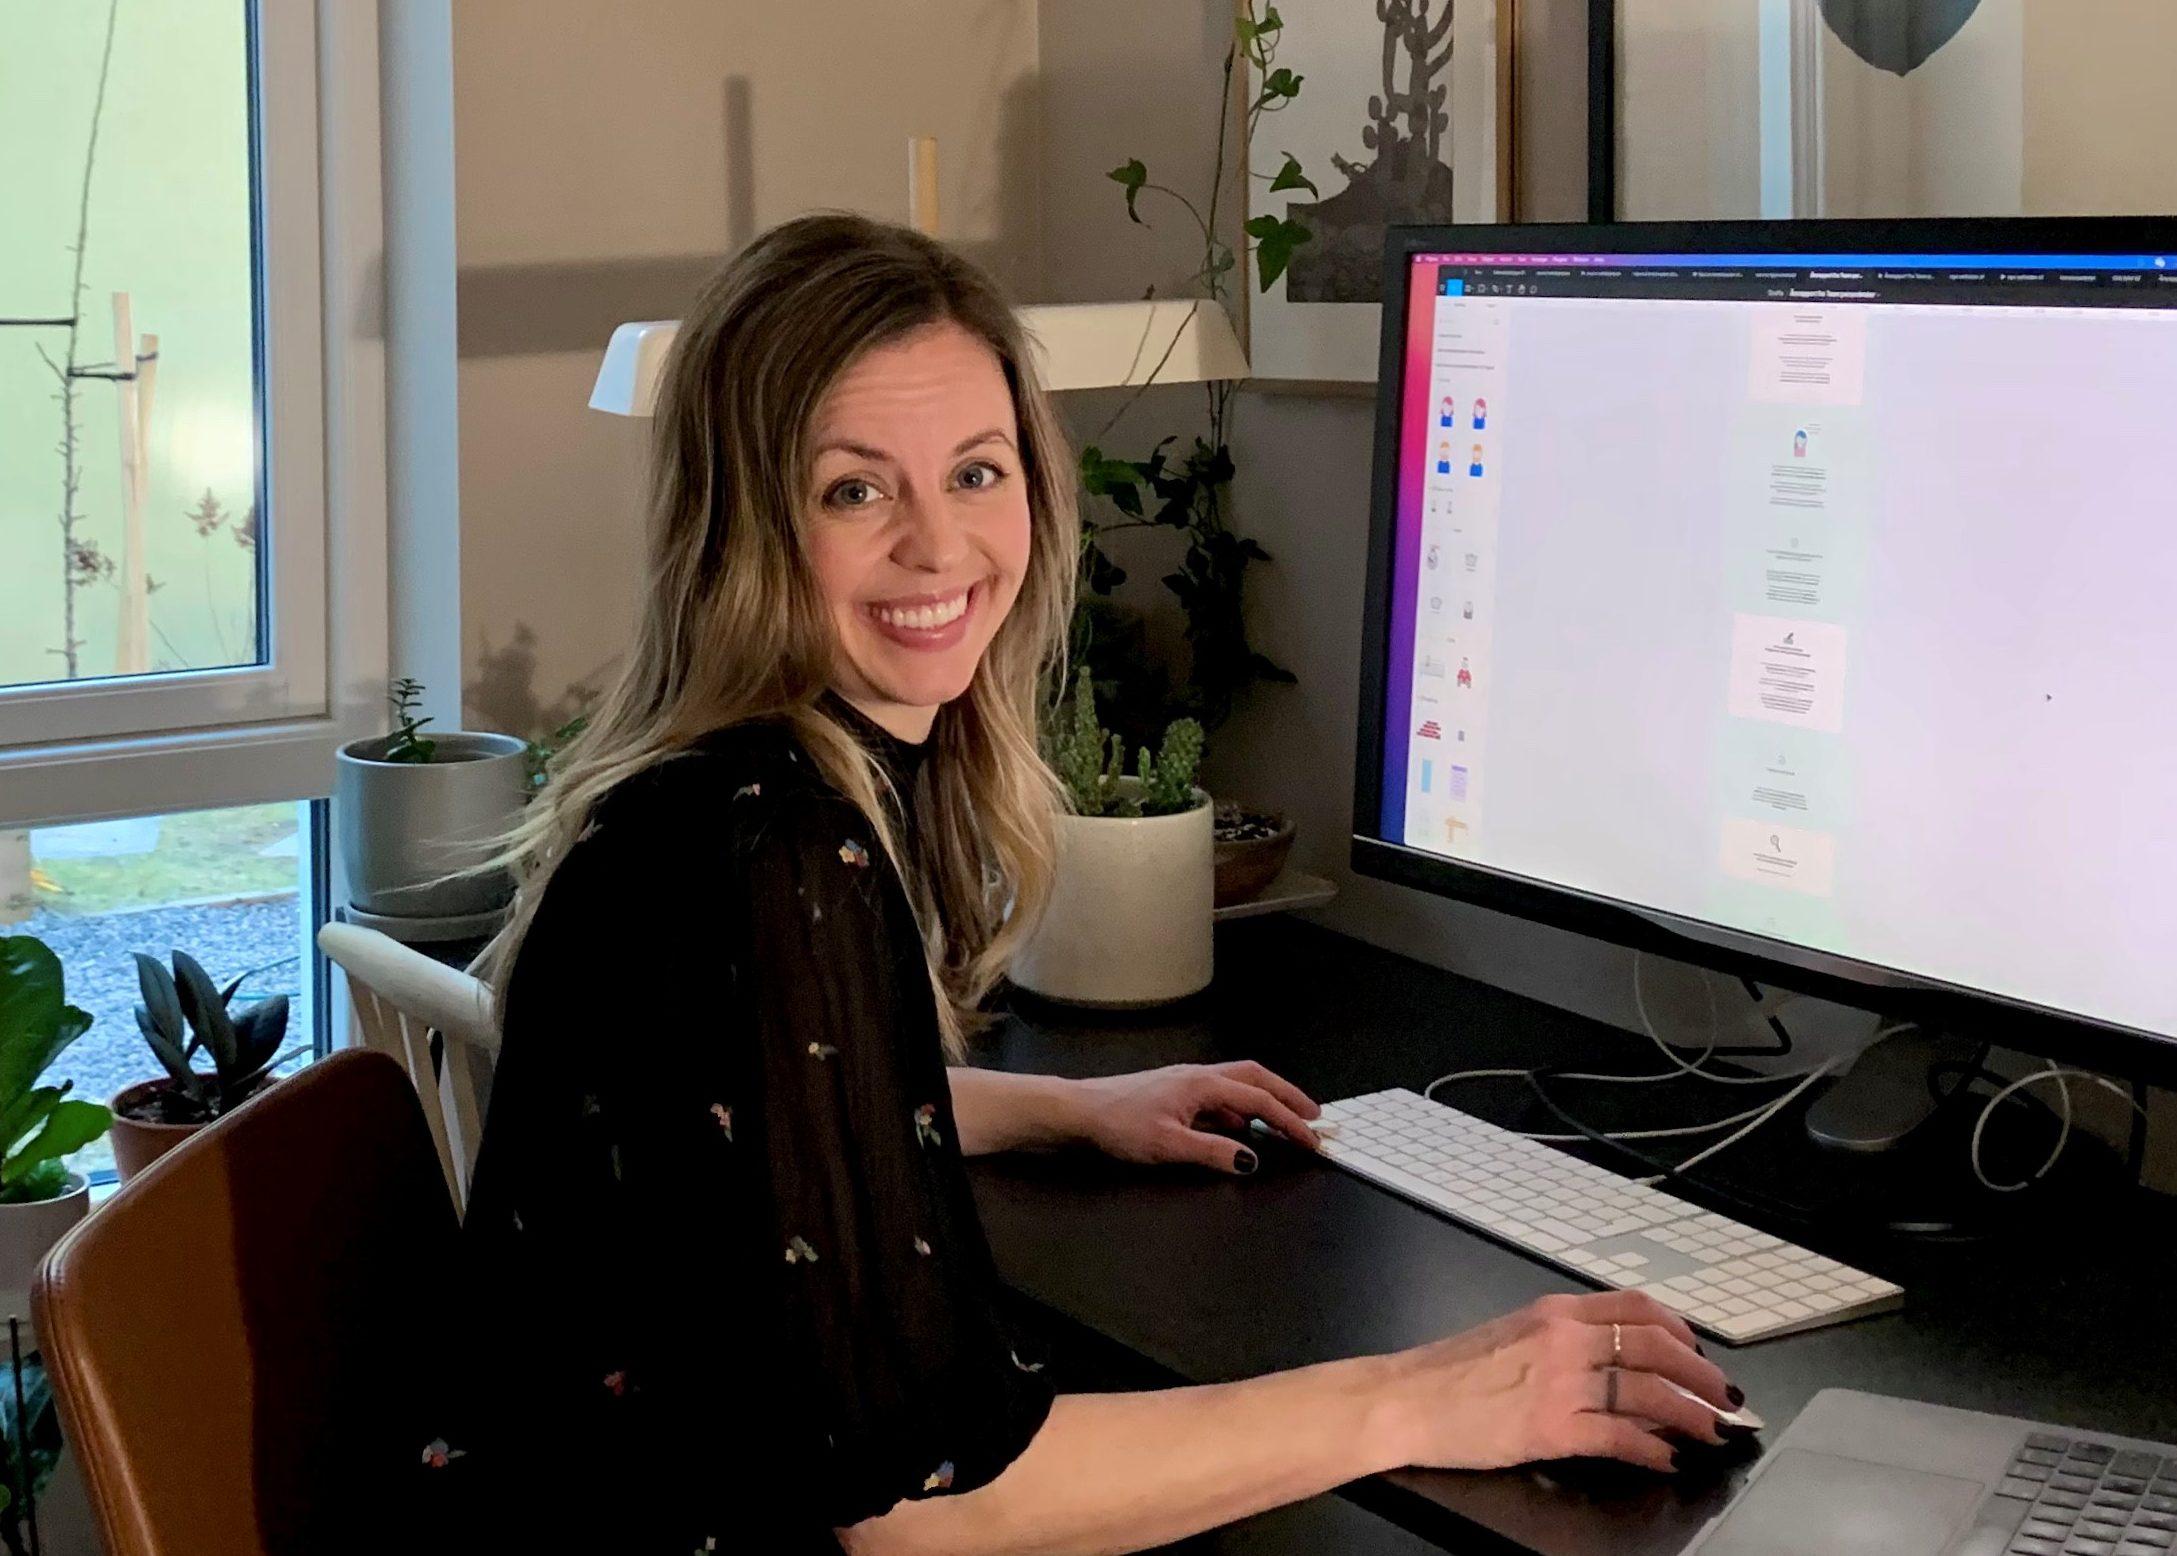 BEDRE BRUKEROPPLEVELSER: Tuva Sverdstad i NAVs IT-avdeling og hennes kolleger i Team personbruker, som jobber hver dag med å forbedre nav.no. (Foto: Privat)